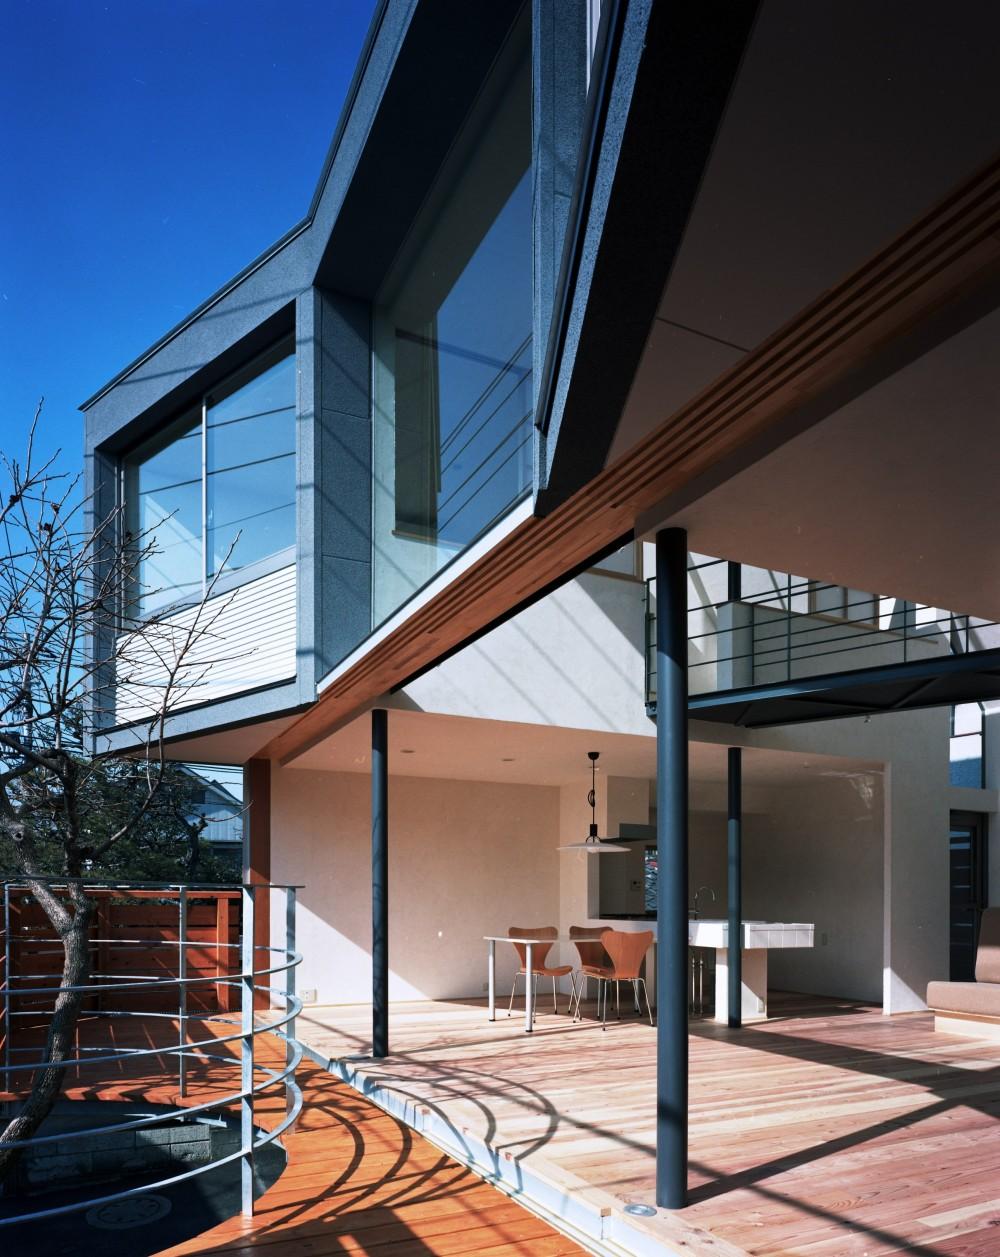 【柿の木を抱く家】   既存の木への愛着が生んだ家 (テラスからリビングダイニングを眺める)